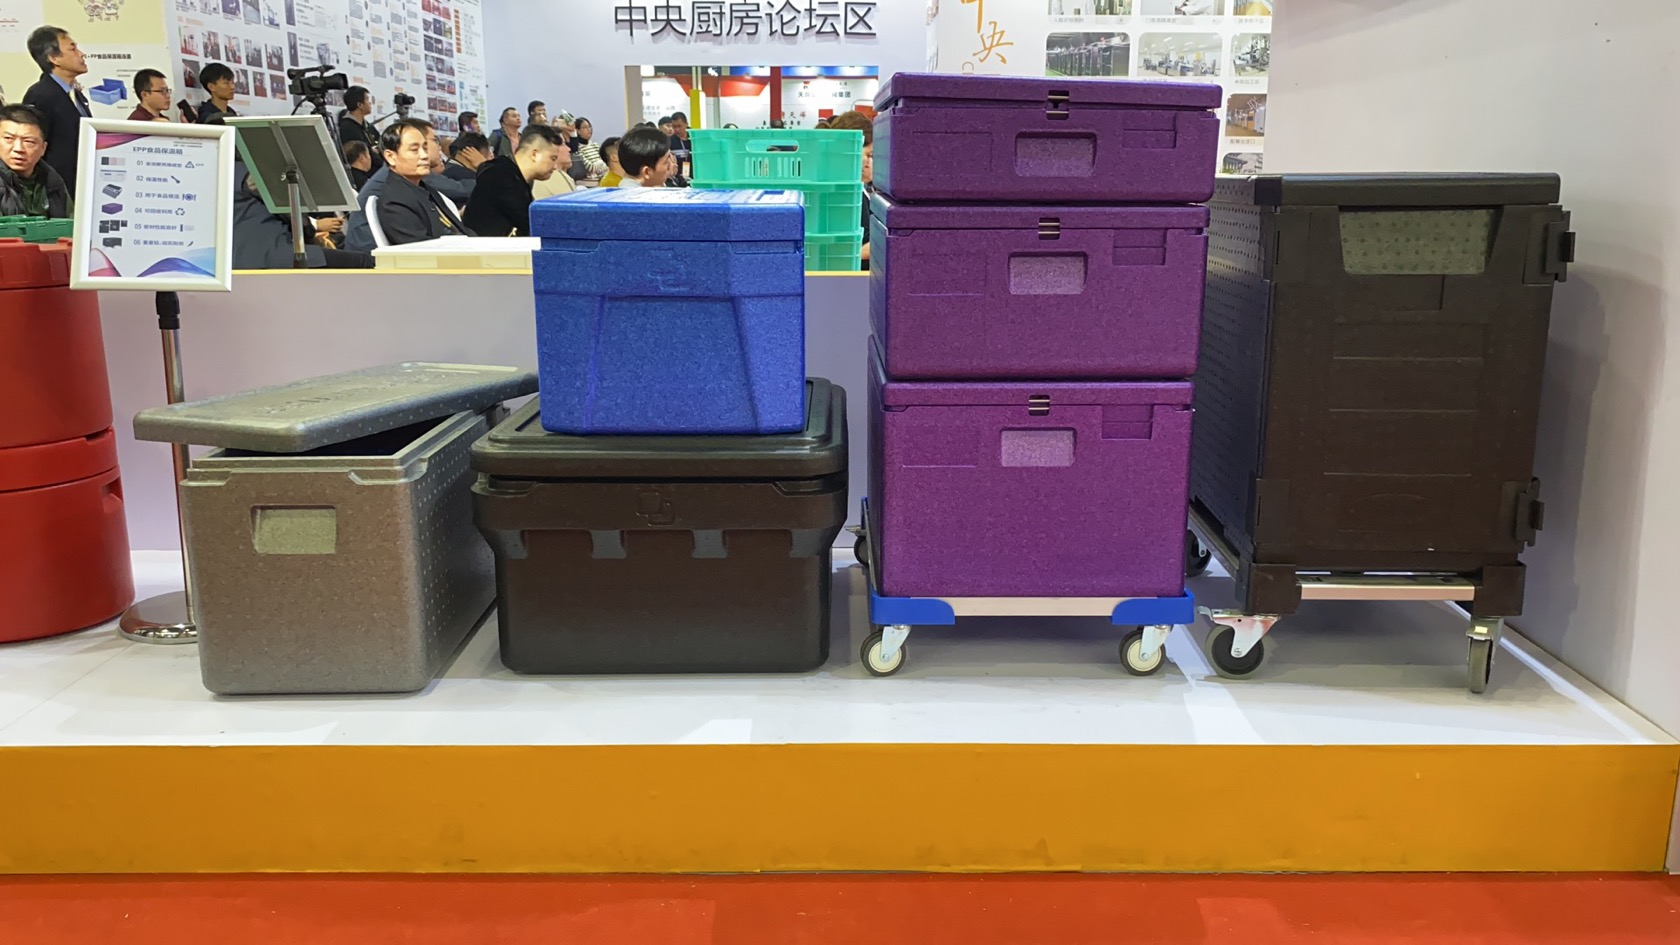 上海蛋糕保温箱制造厂家 欢迎咨询 上海佑起实业供应